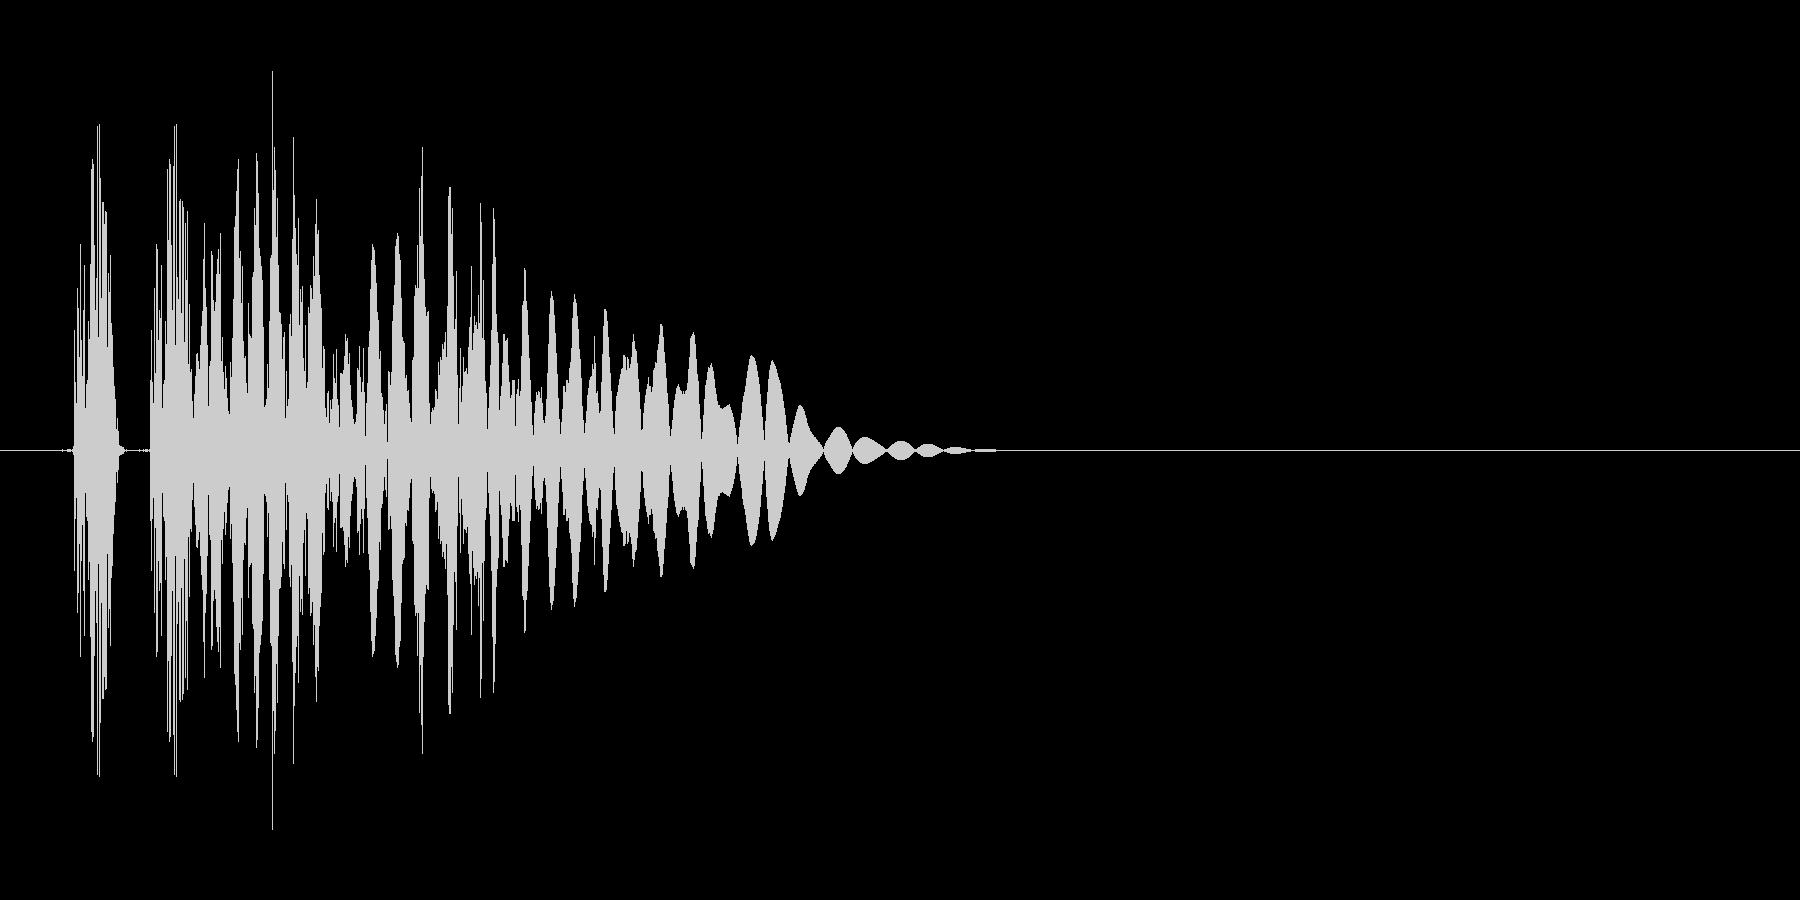 ヒット音。重い音。「ズドン」の未再生の波形